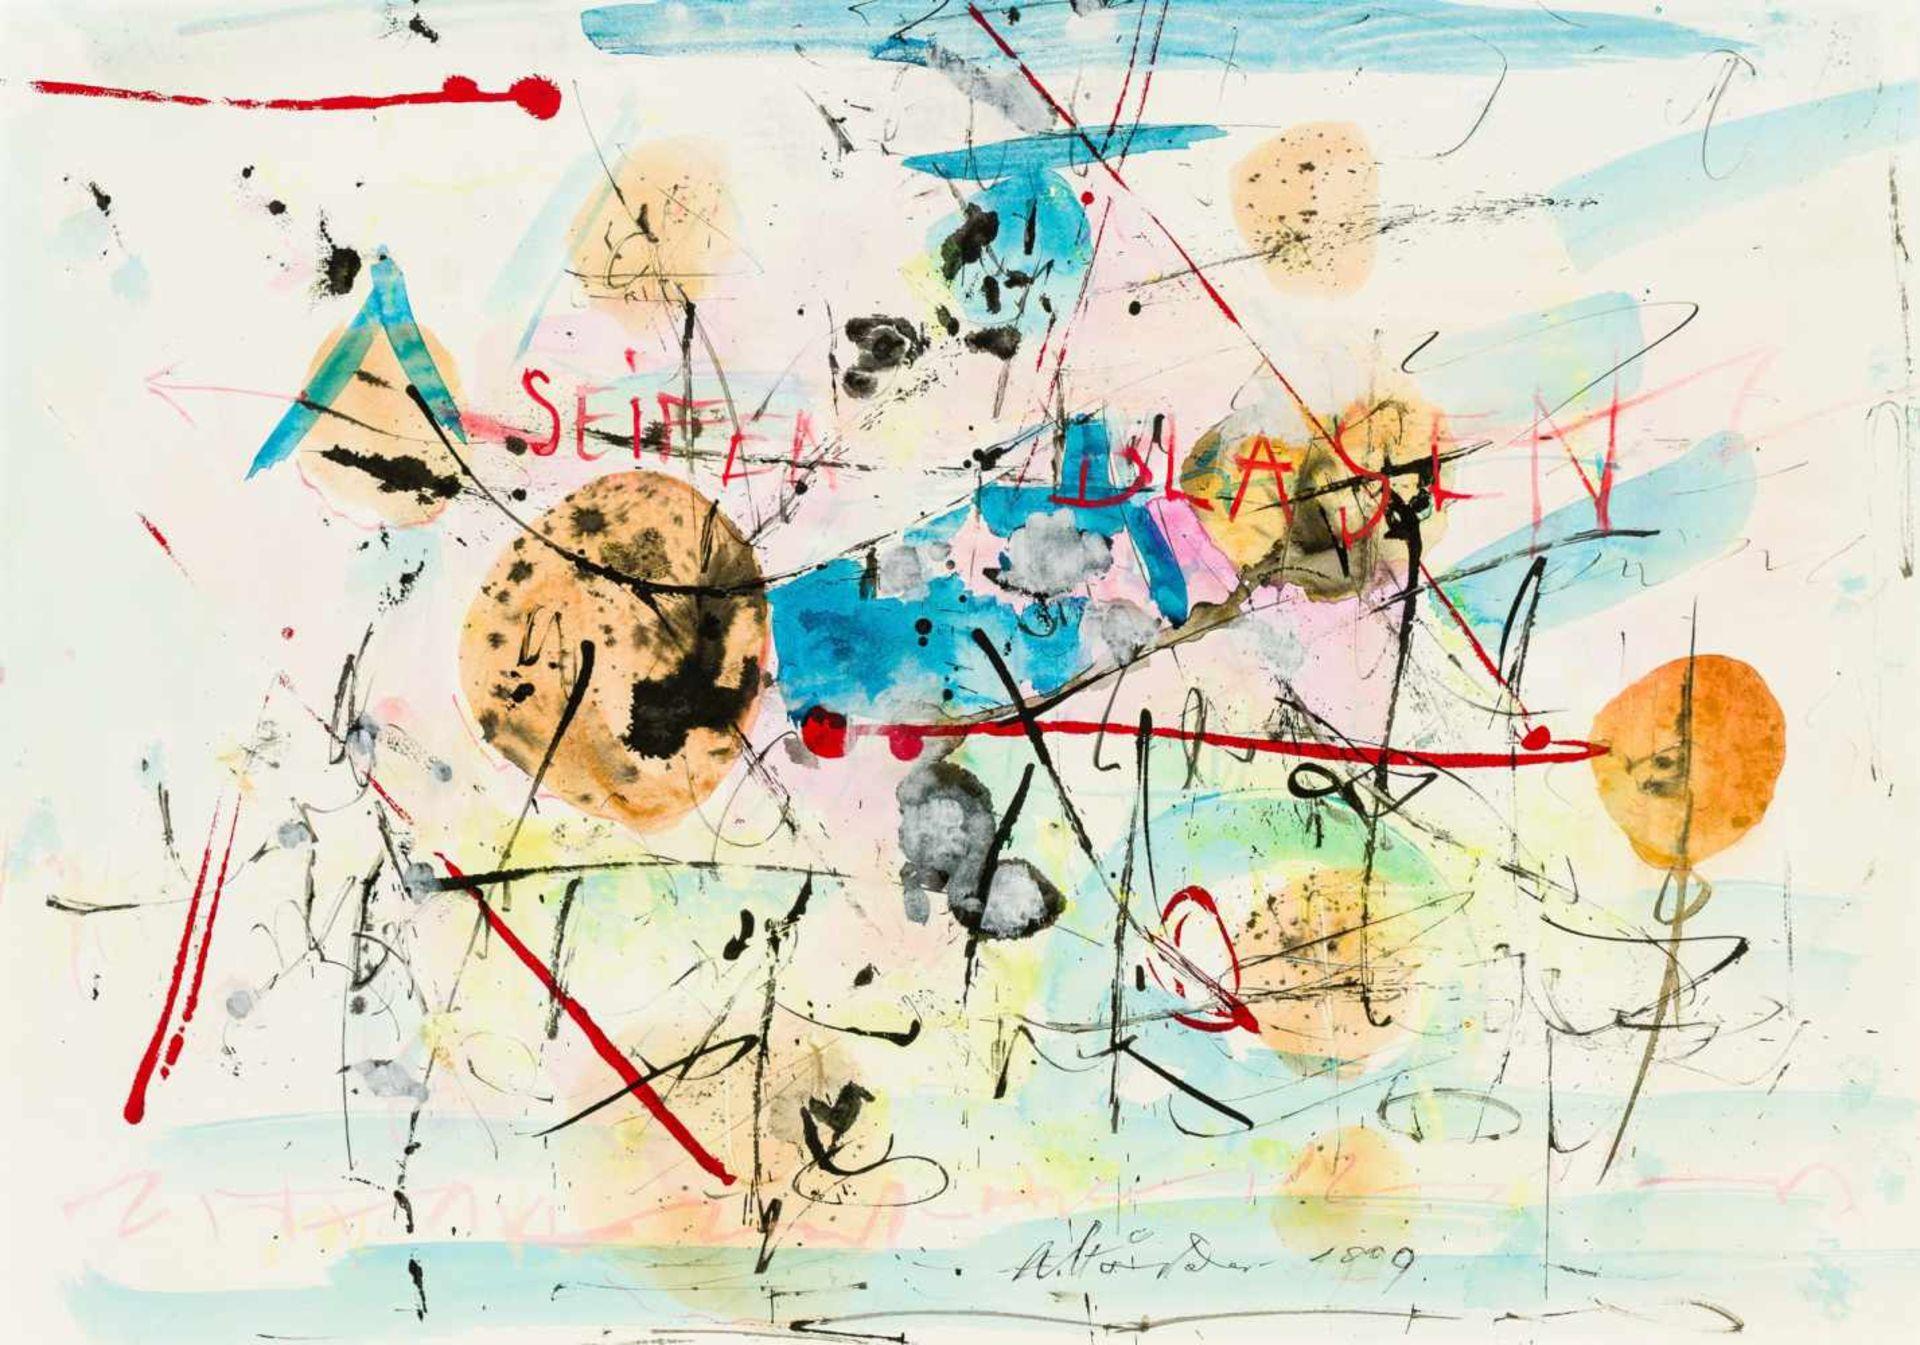 Los 61 - Hans Staudacher St. Urban 1923 geb. Seifenblasen Aquarell auf Papier 50 x 70 cm 1999 unten mittig